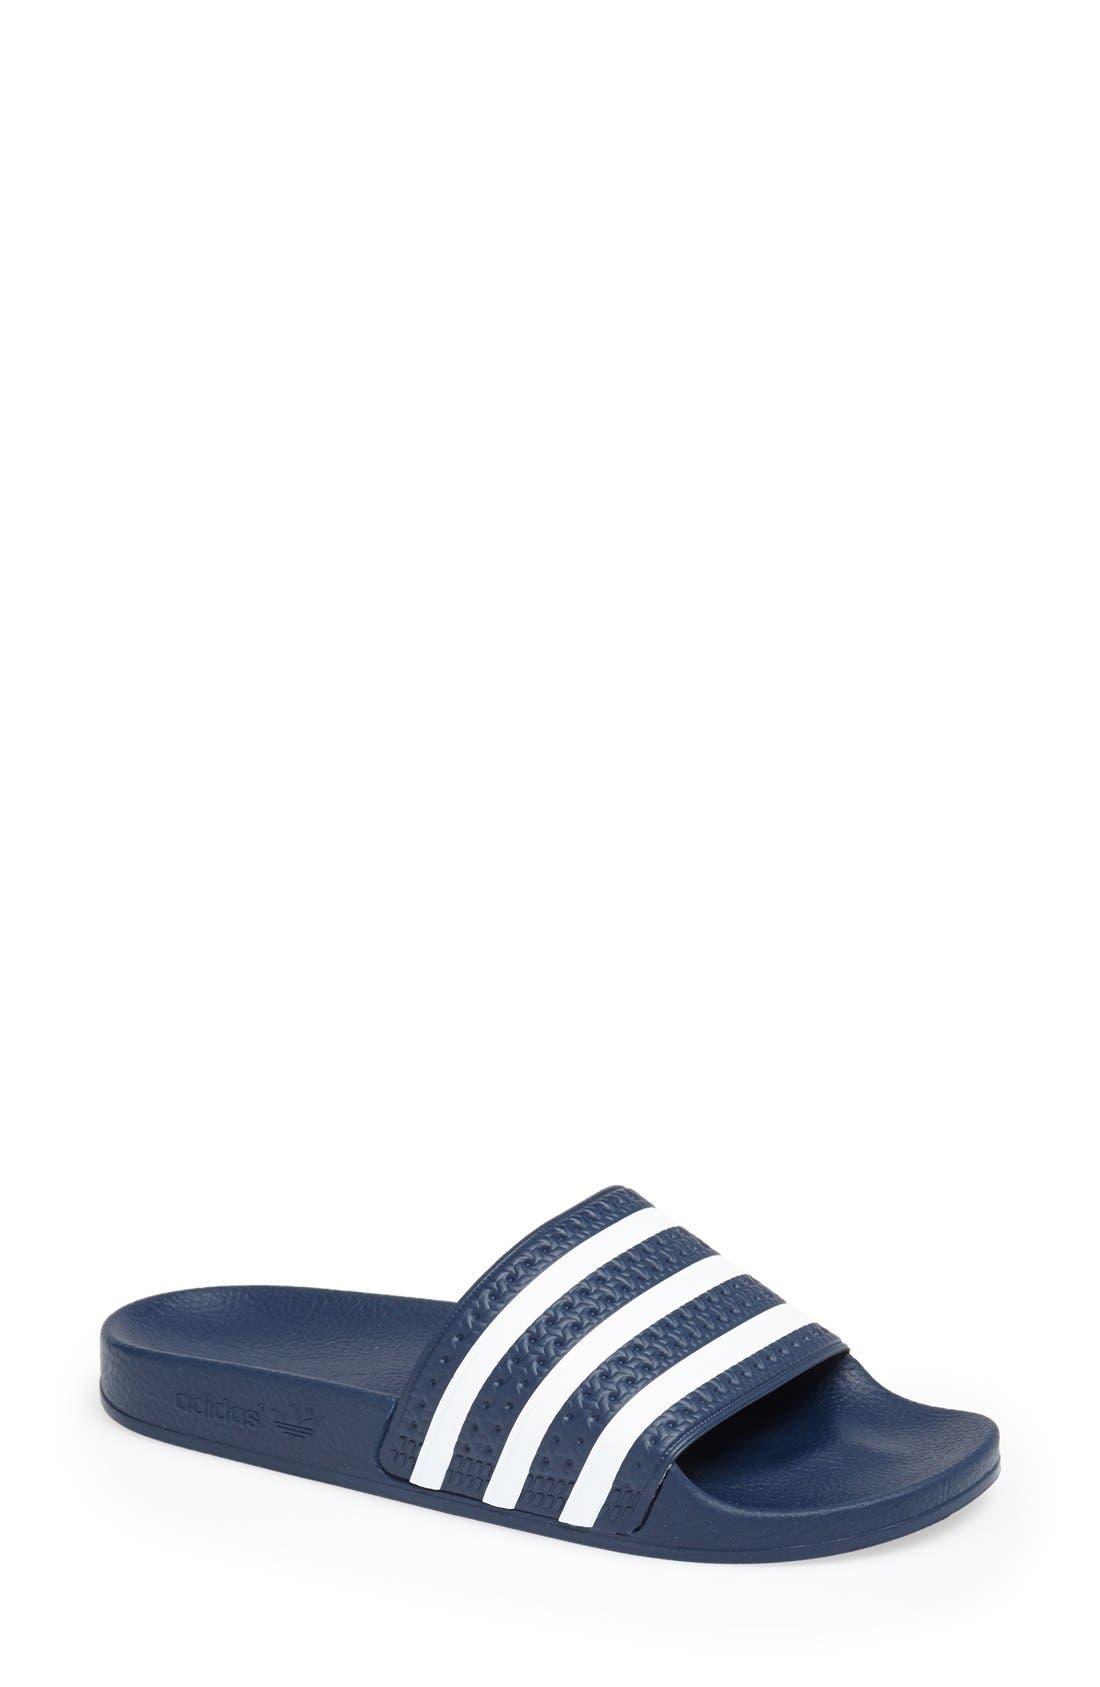 ADIDAS, 'Adilette' Slide Sandal, Main thumbnail 1, color, NEW NAVY/ WHITE